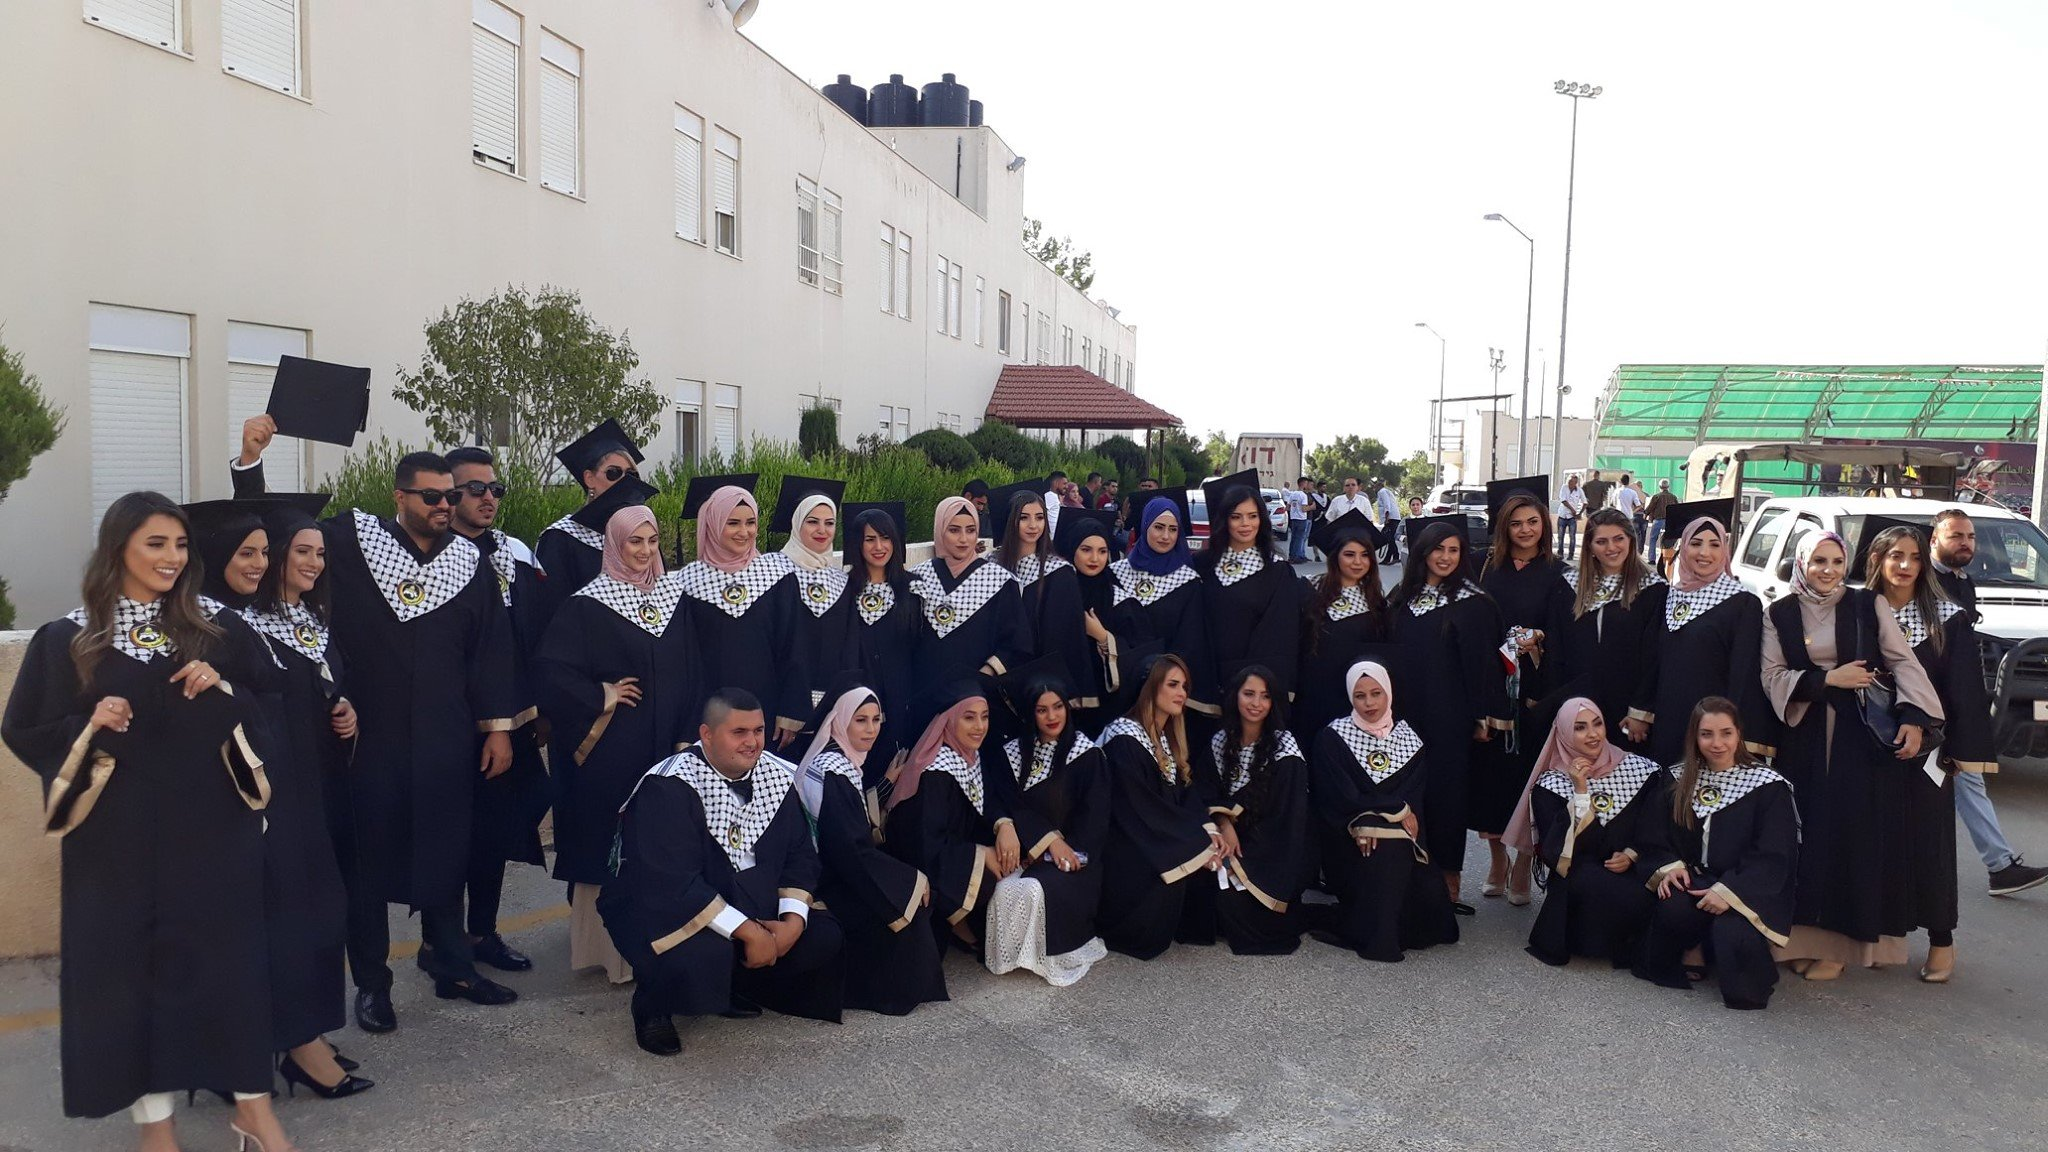 كلية غرناطة تحتفل بتخريج الفوج الخامس من طلابها الملتحقين بجامعة القدس المفتوحة